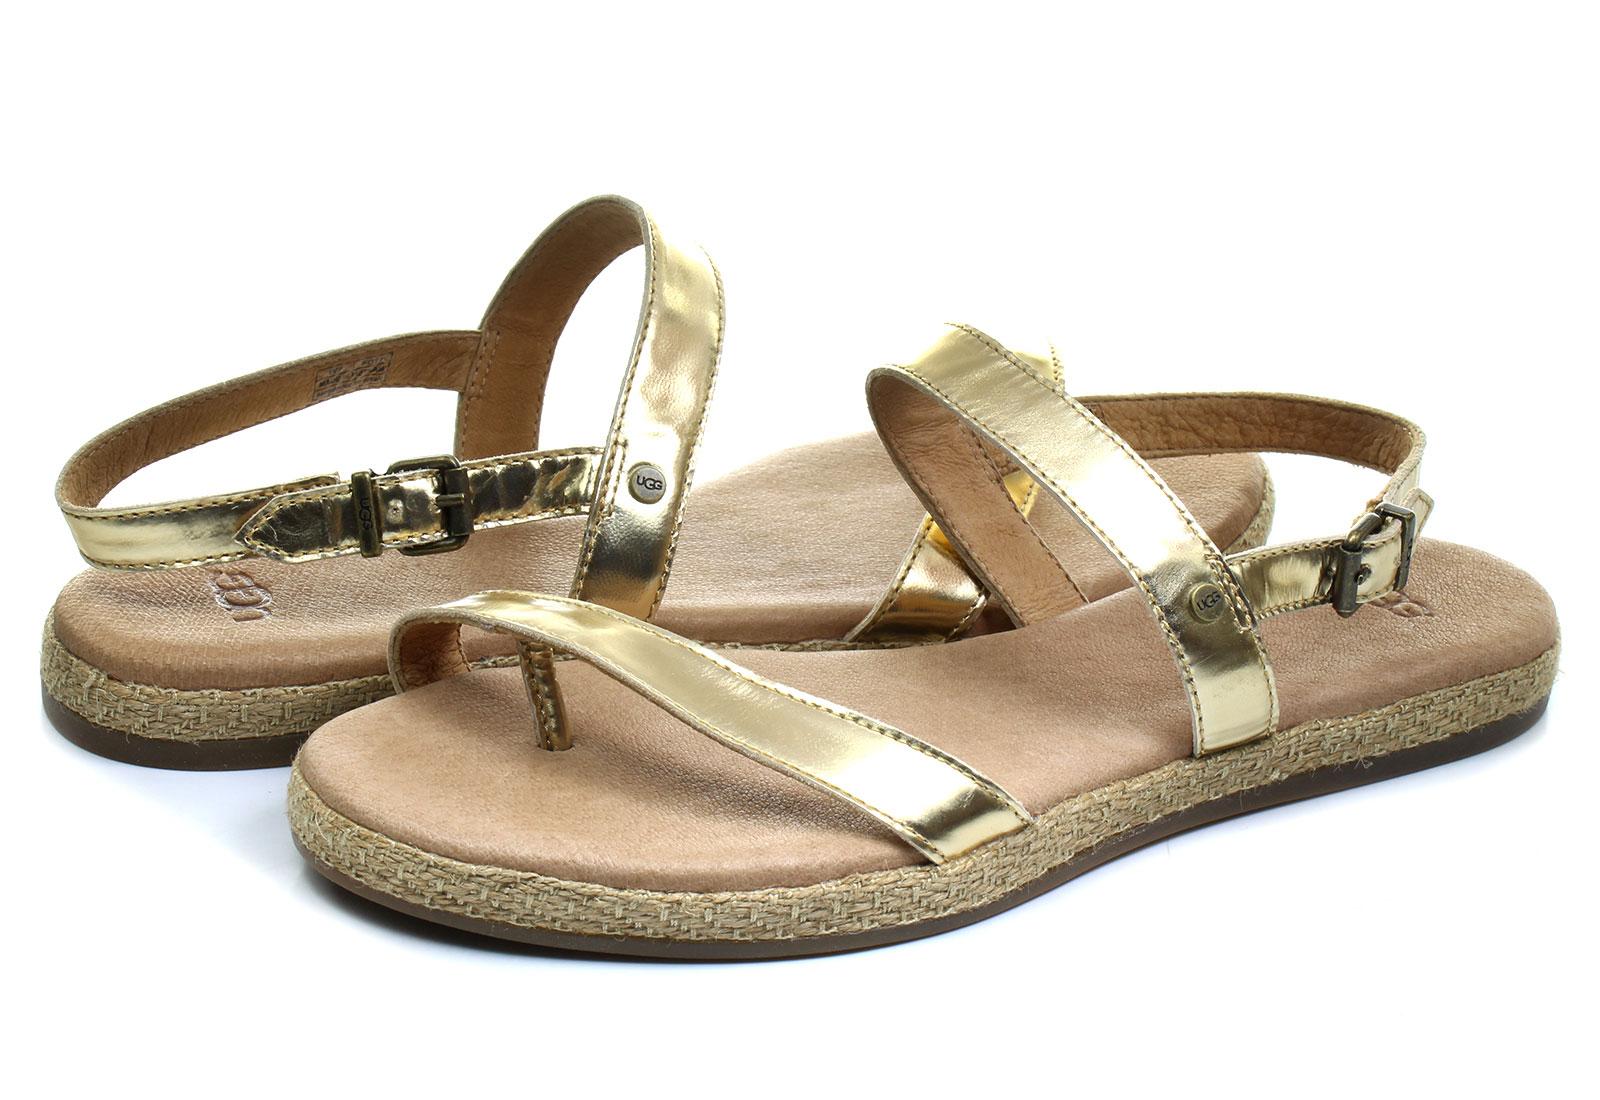 Ugg Sandals Brylee 1011219 Sgd Online Shop For